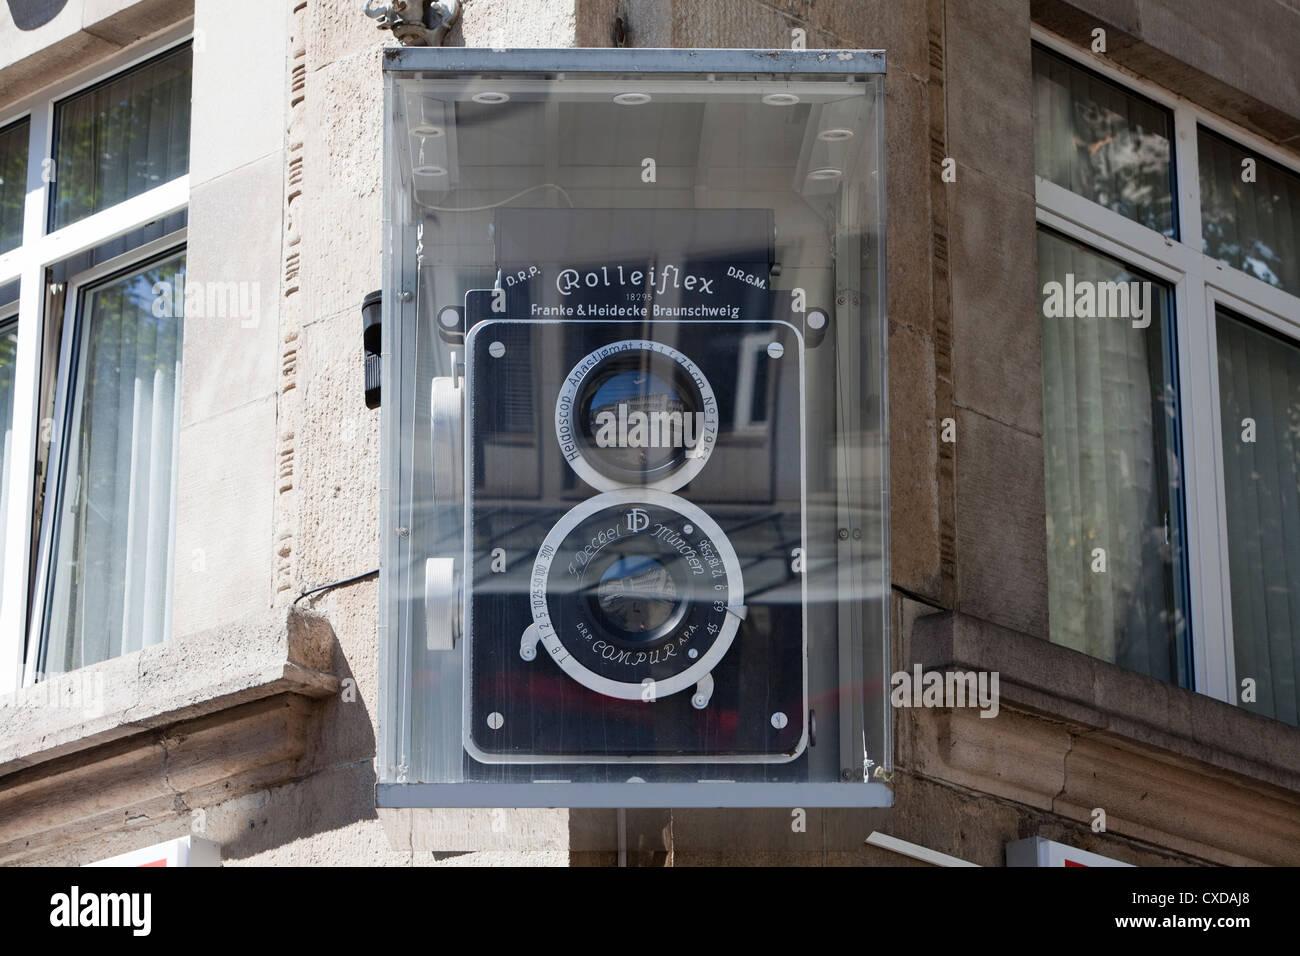 Eine große Rolleiflex Kamera vor einem Fotogeschäft, Stockbild